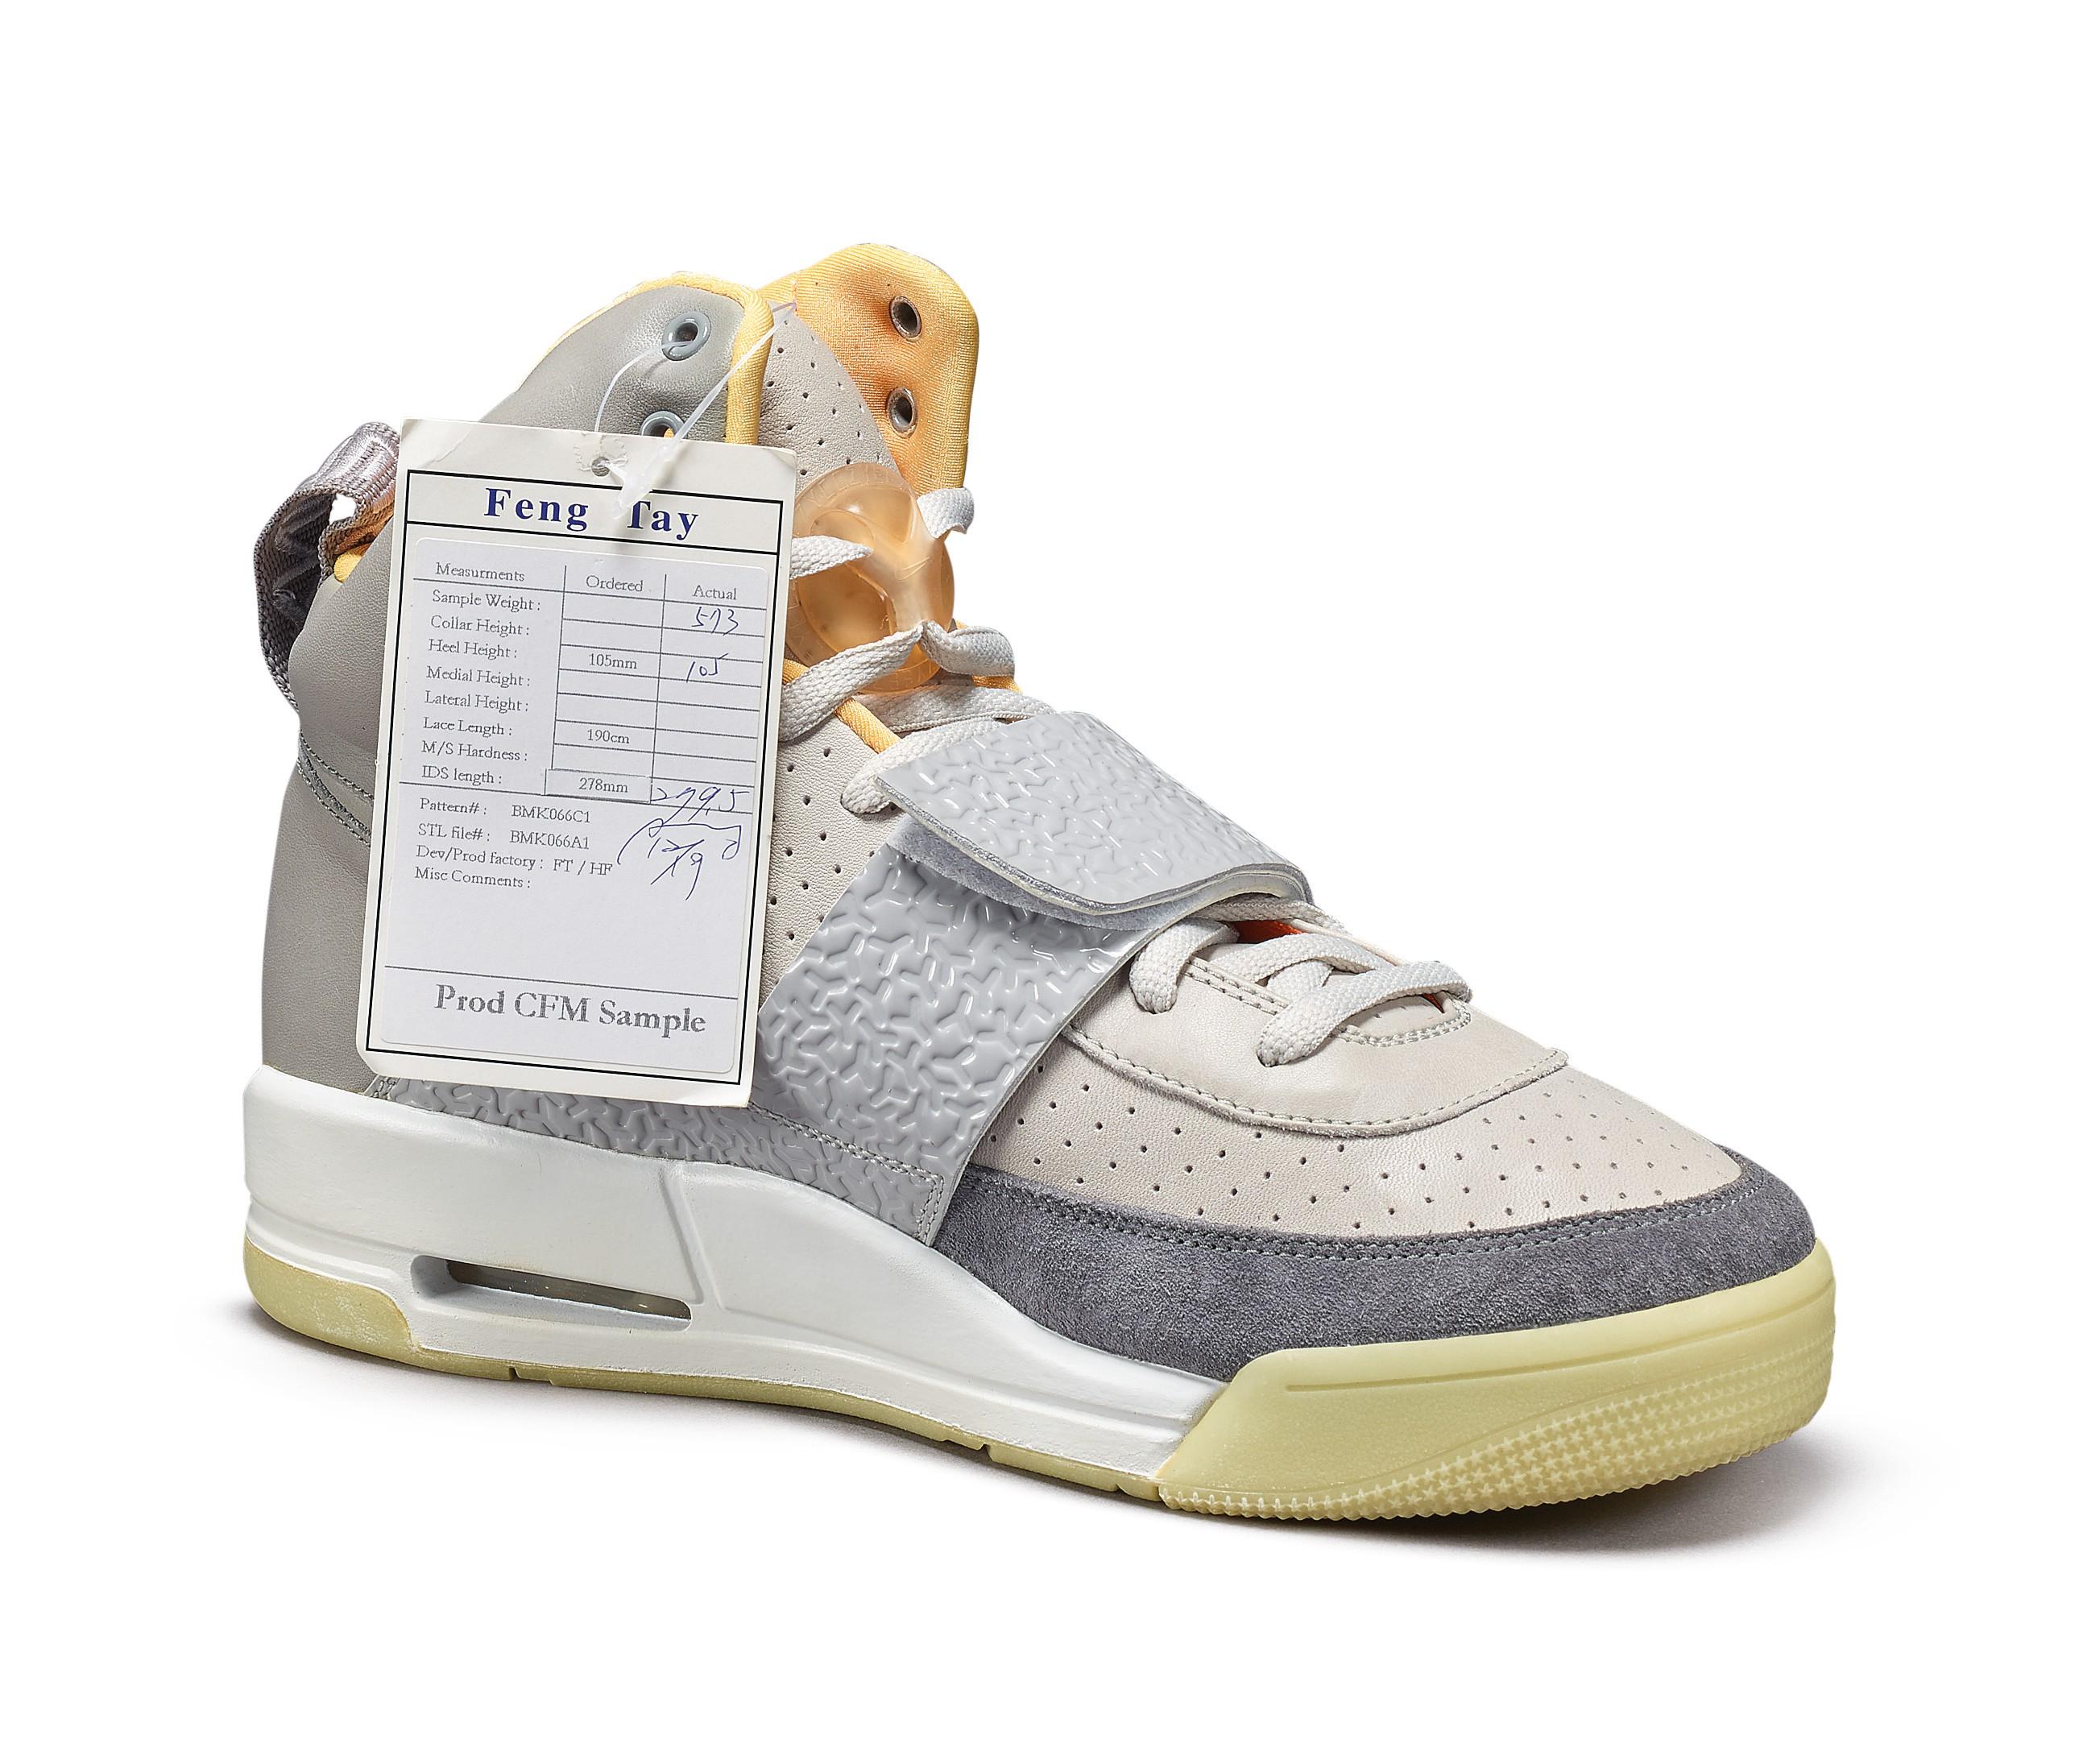 Kanye West and Mark Smith Designed Nike